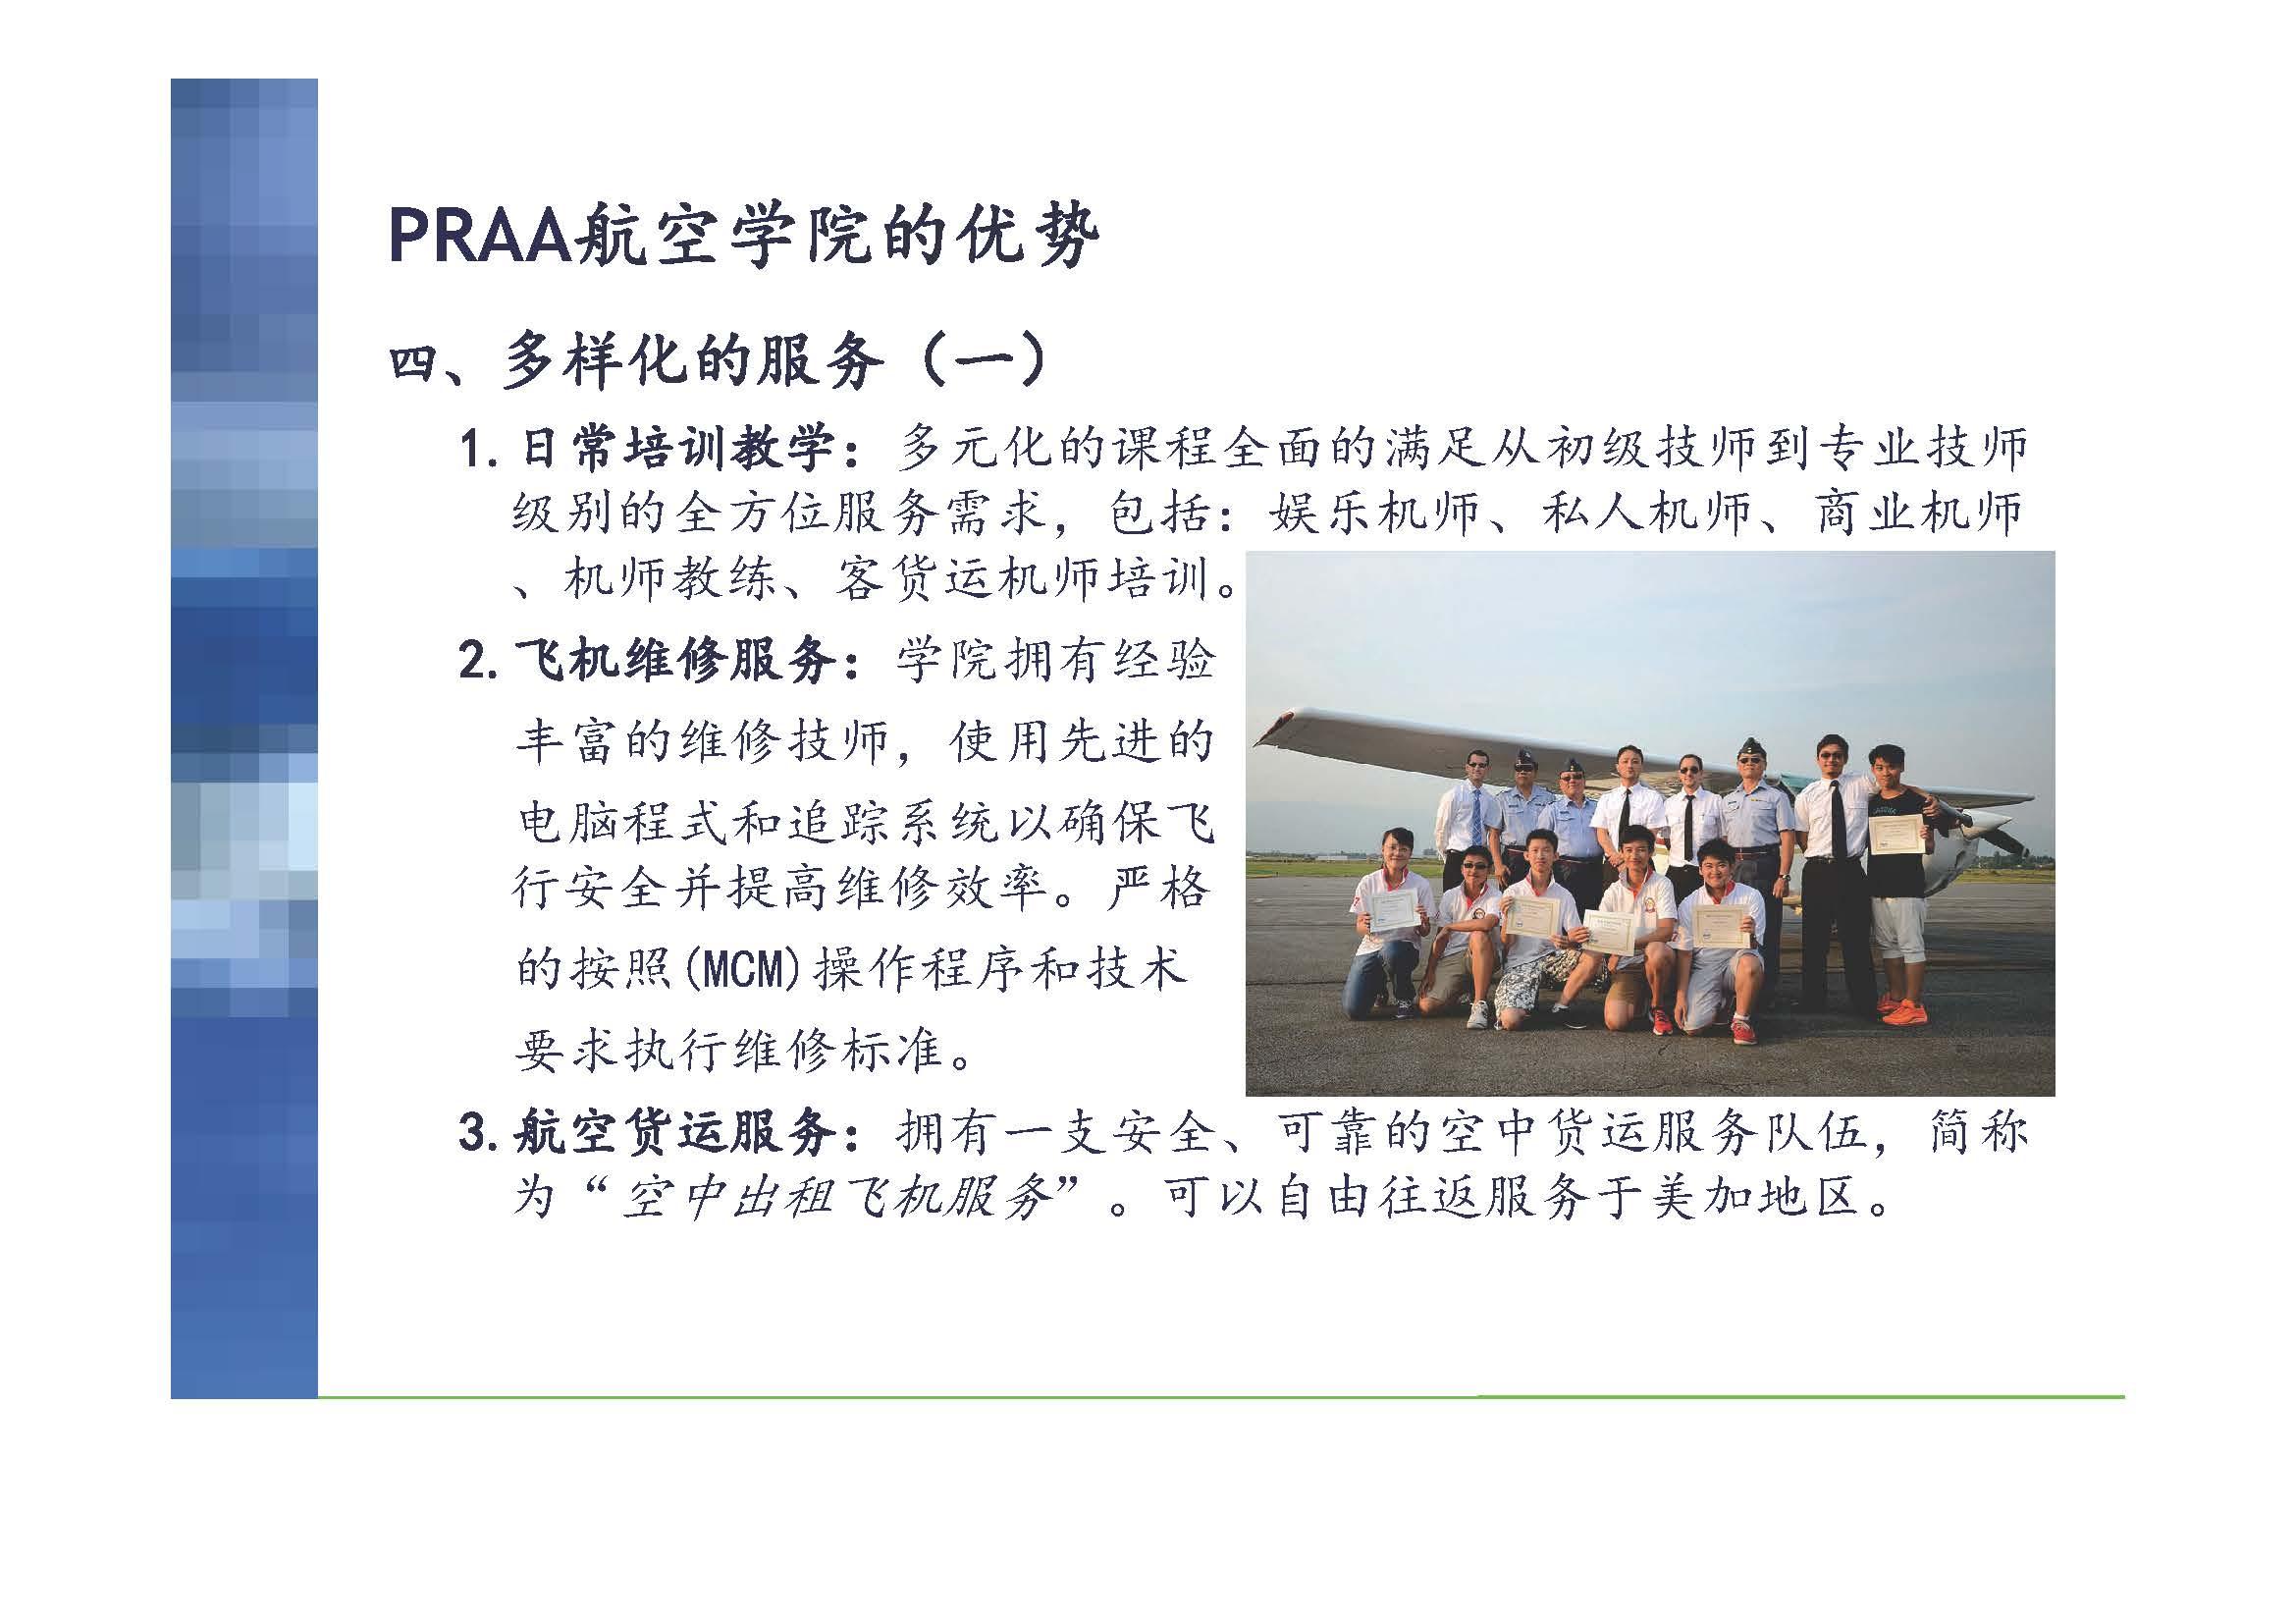 pnpjpg page 12